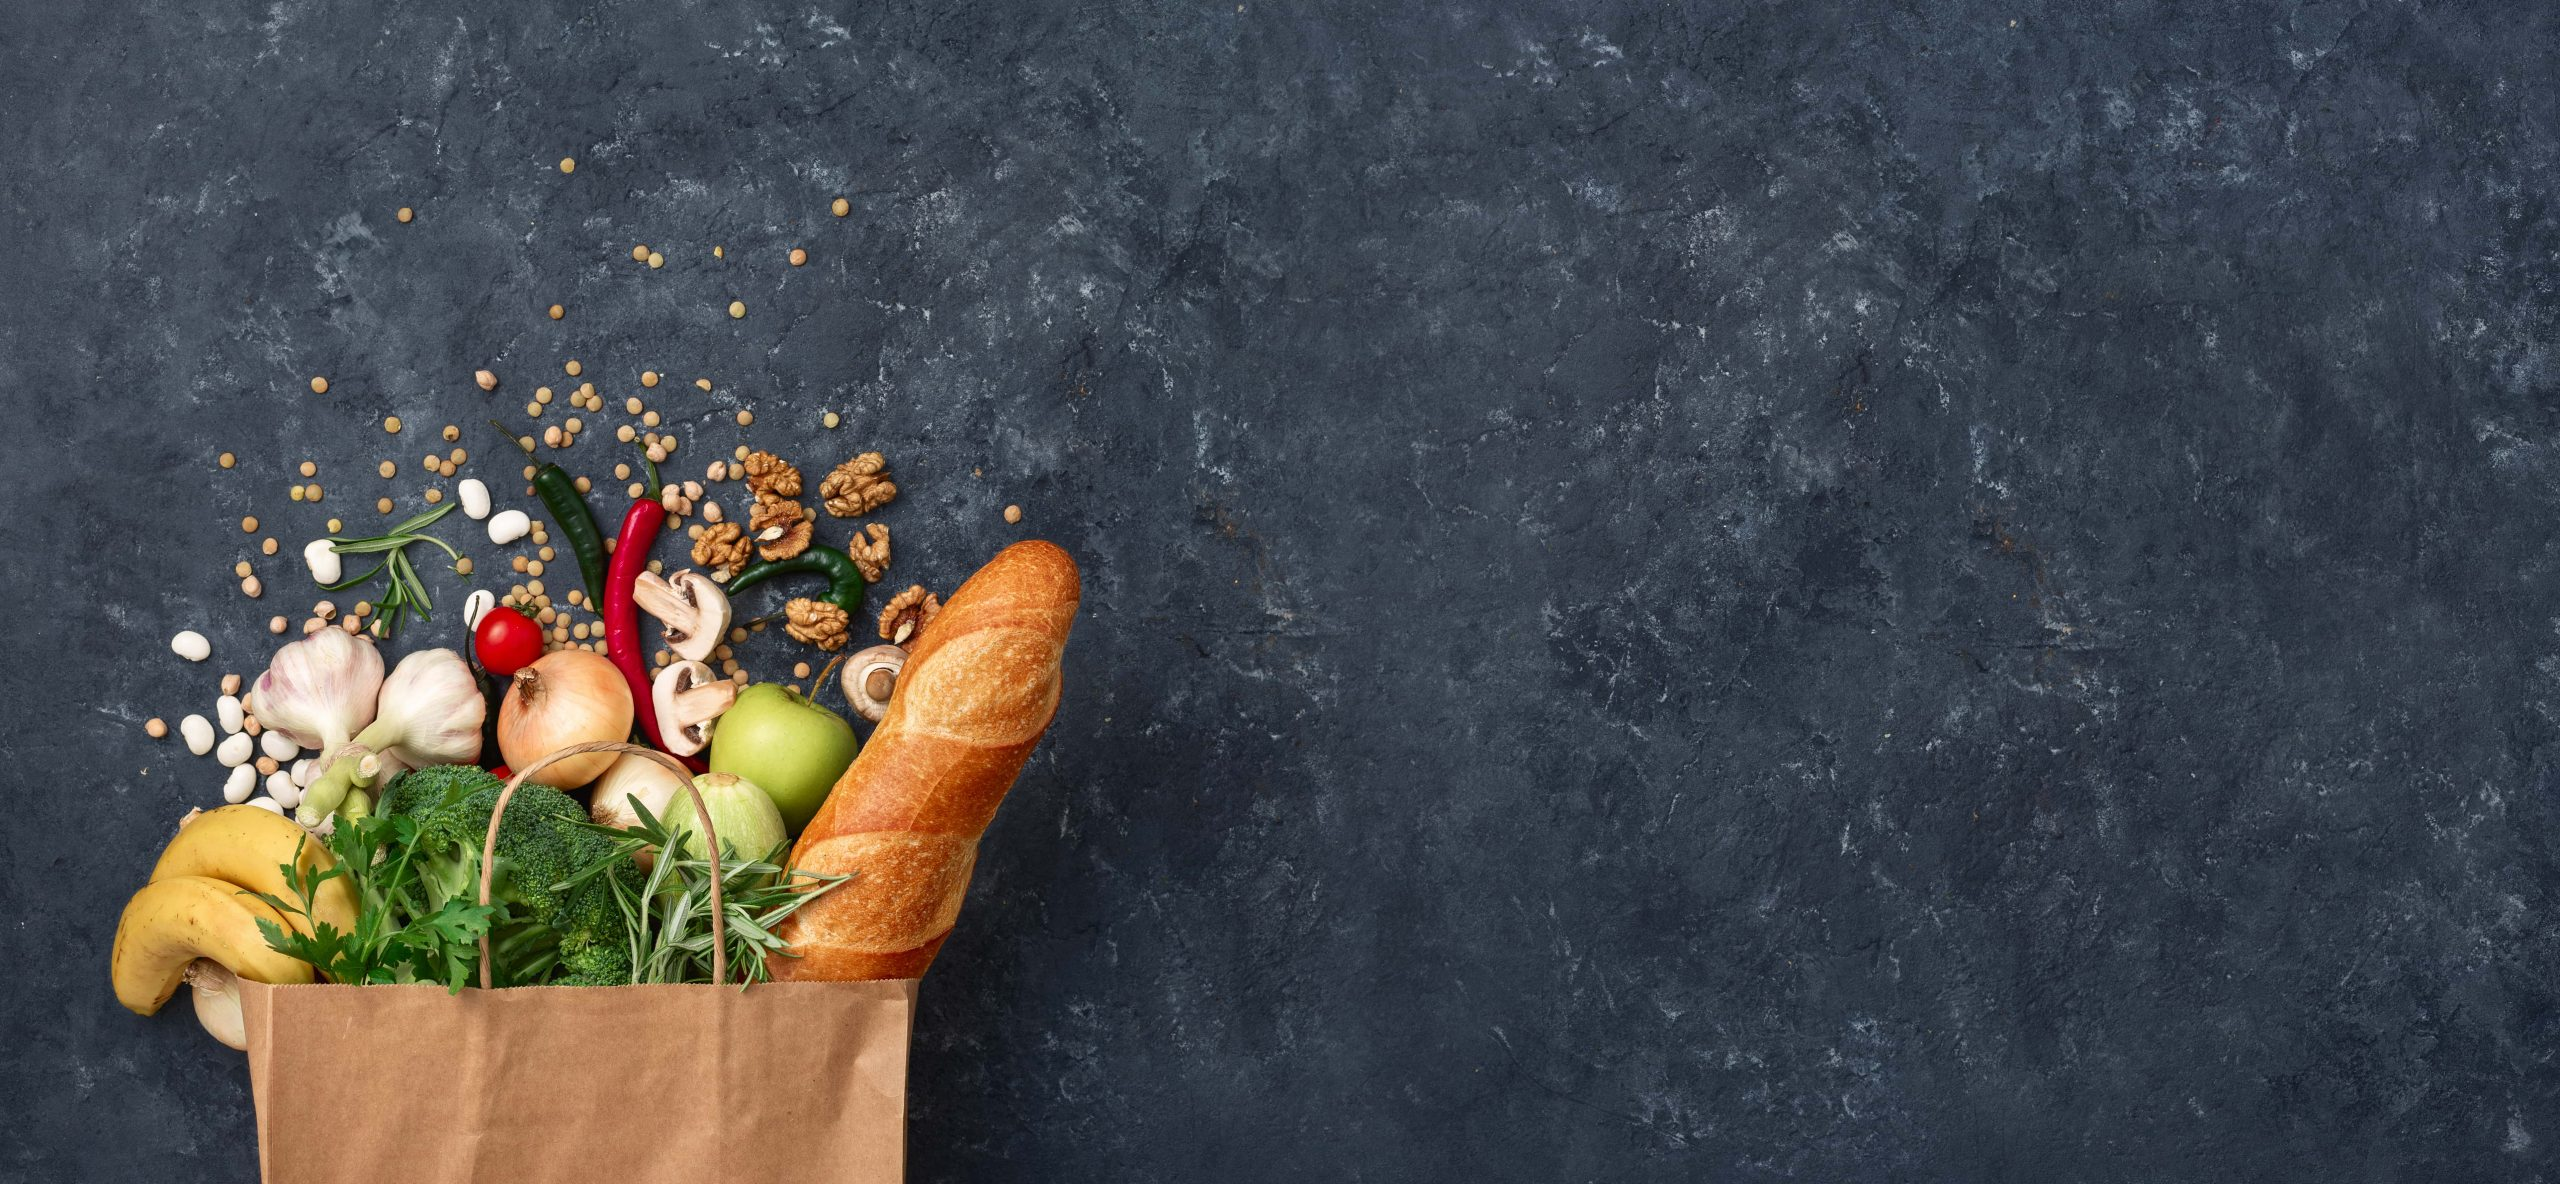 Poste pour produits alimentaires